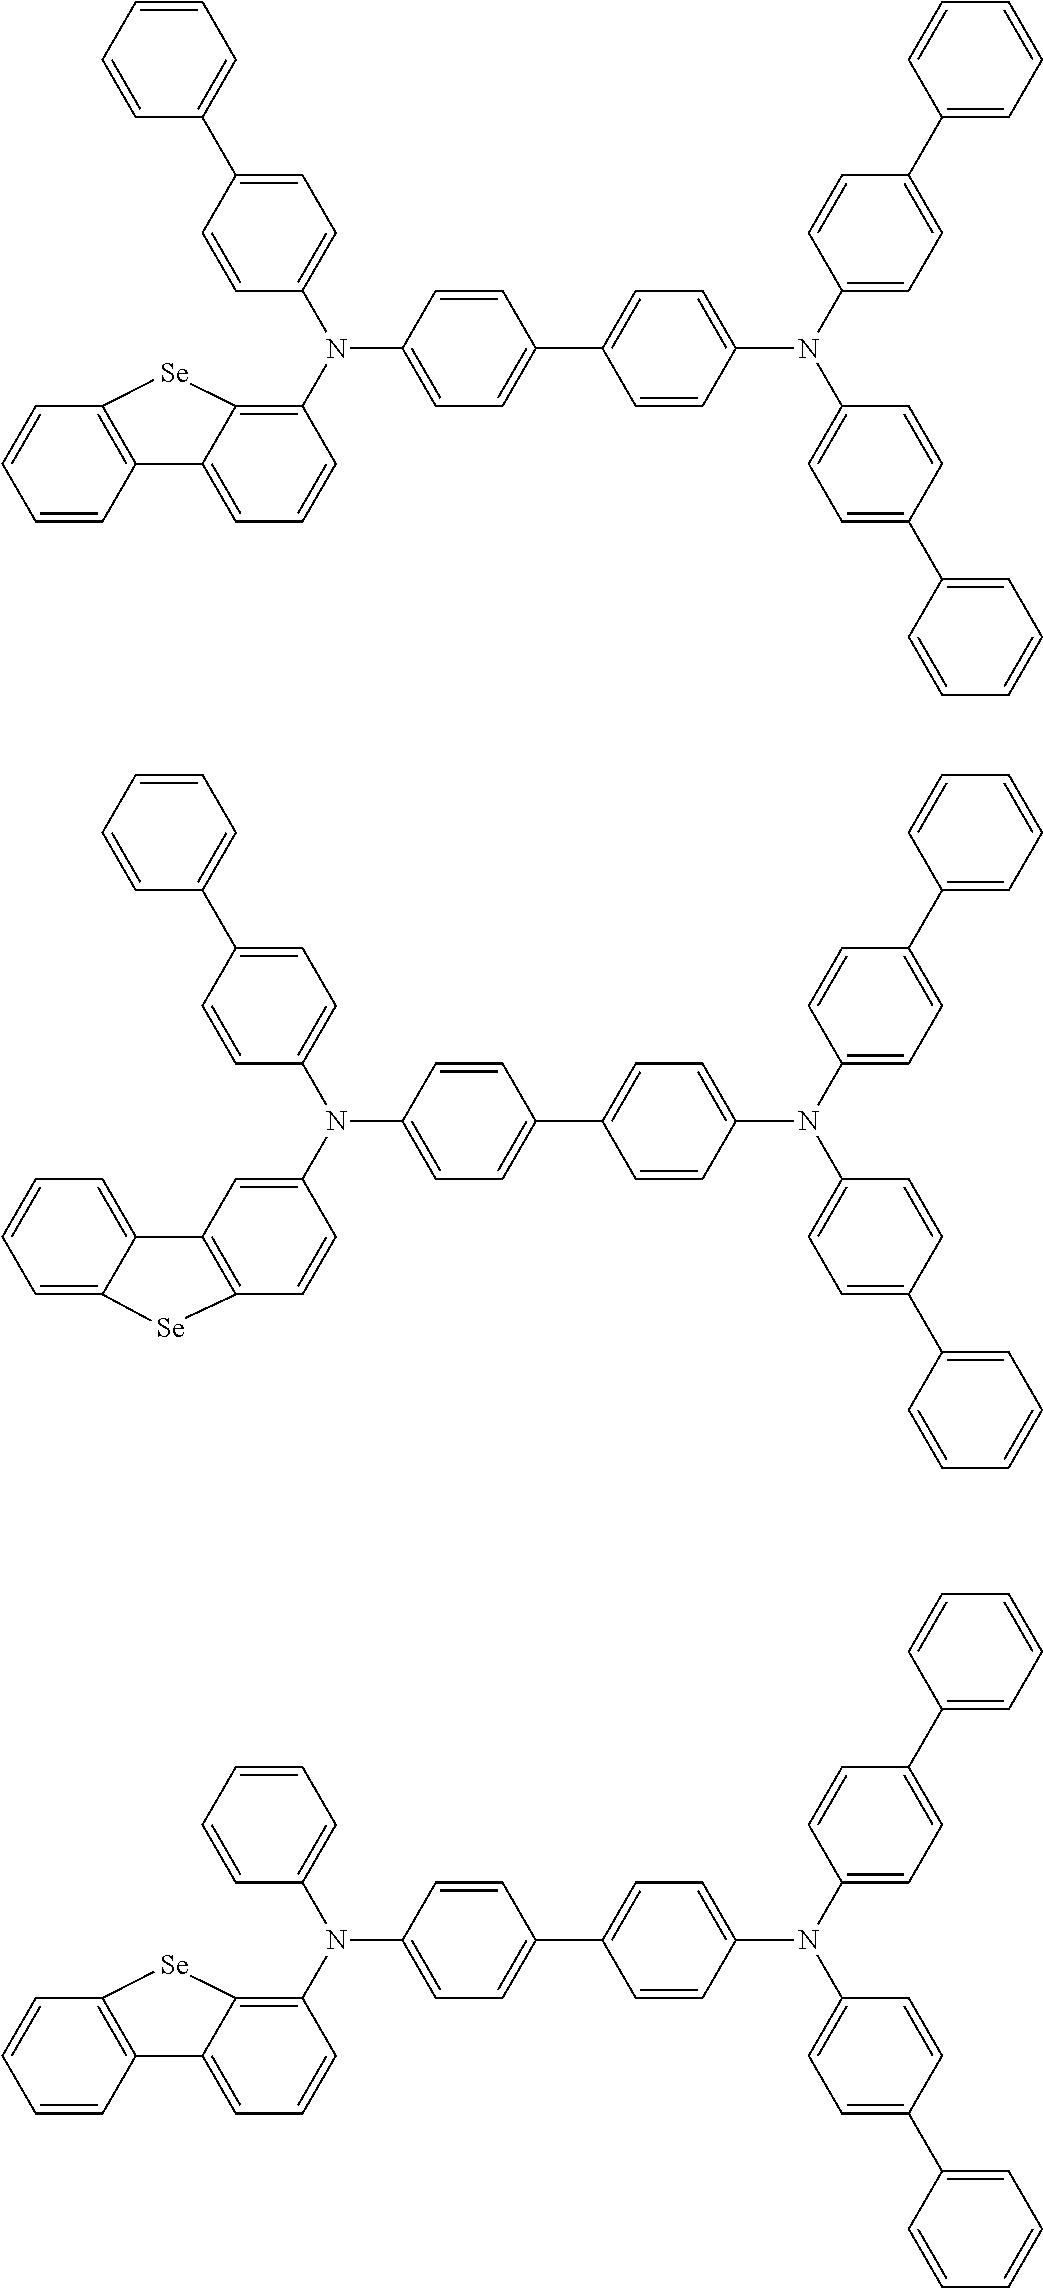 Figure US09455411-20160927-C00019